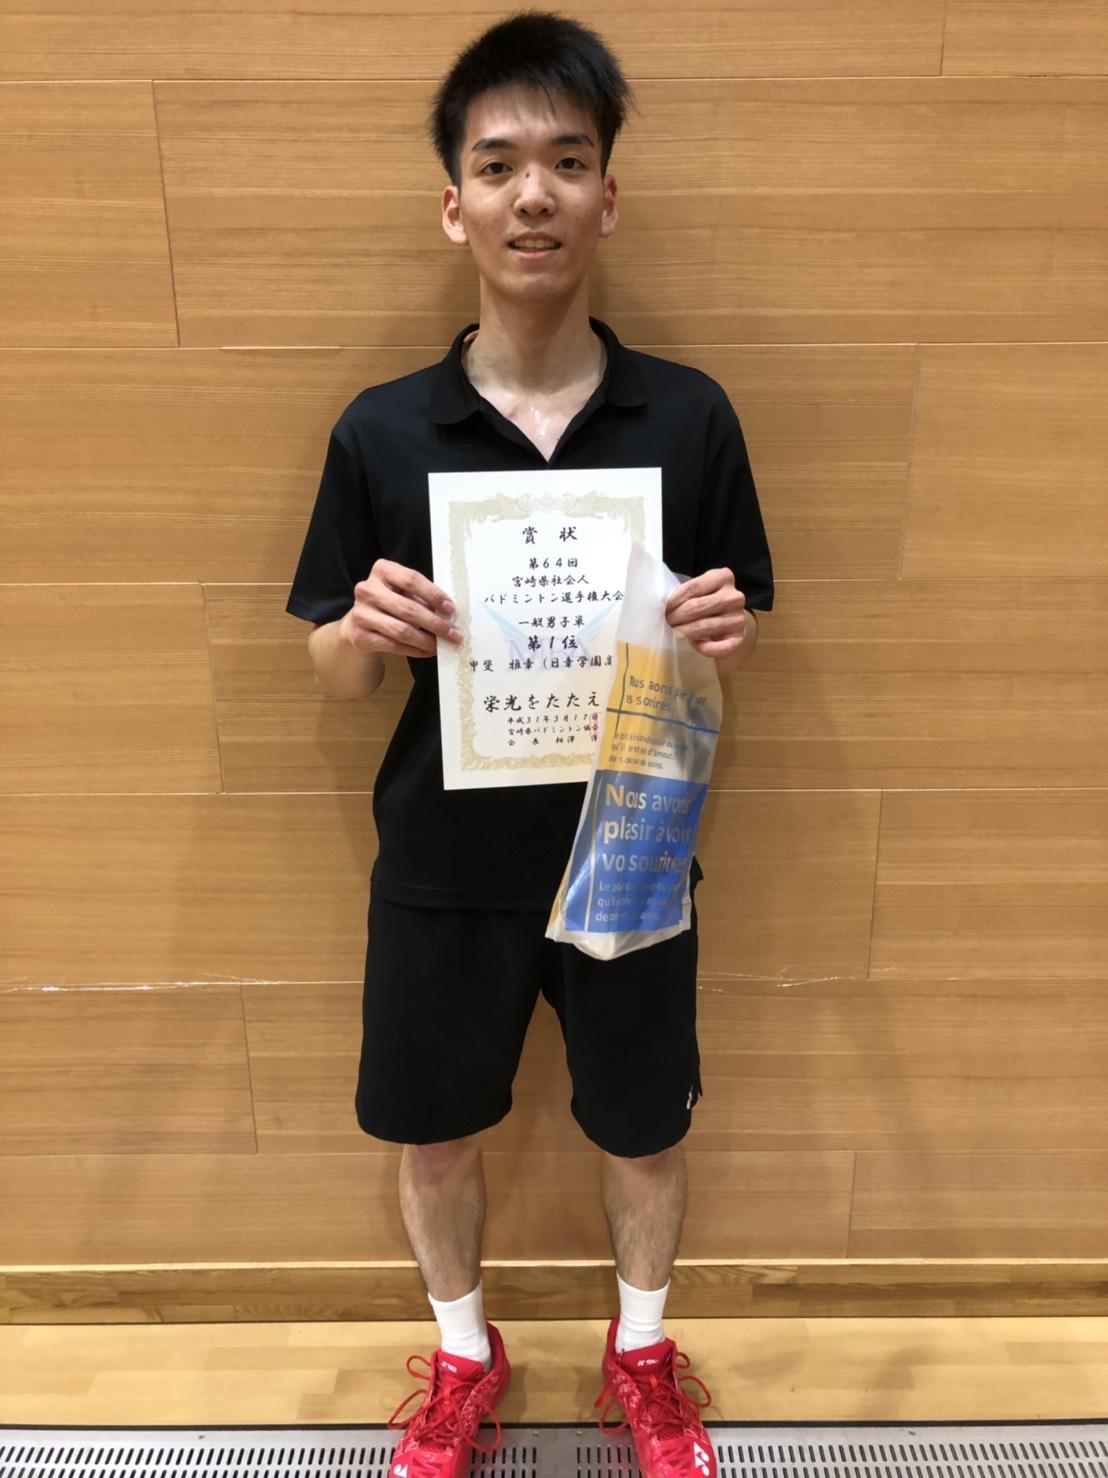 第64回宮崎県社会人バドミントン選手権大会 【結果】